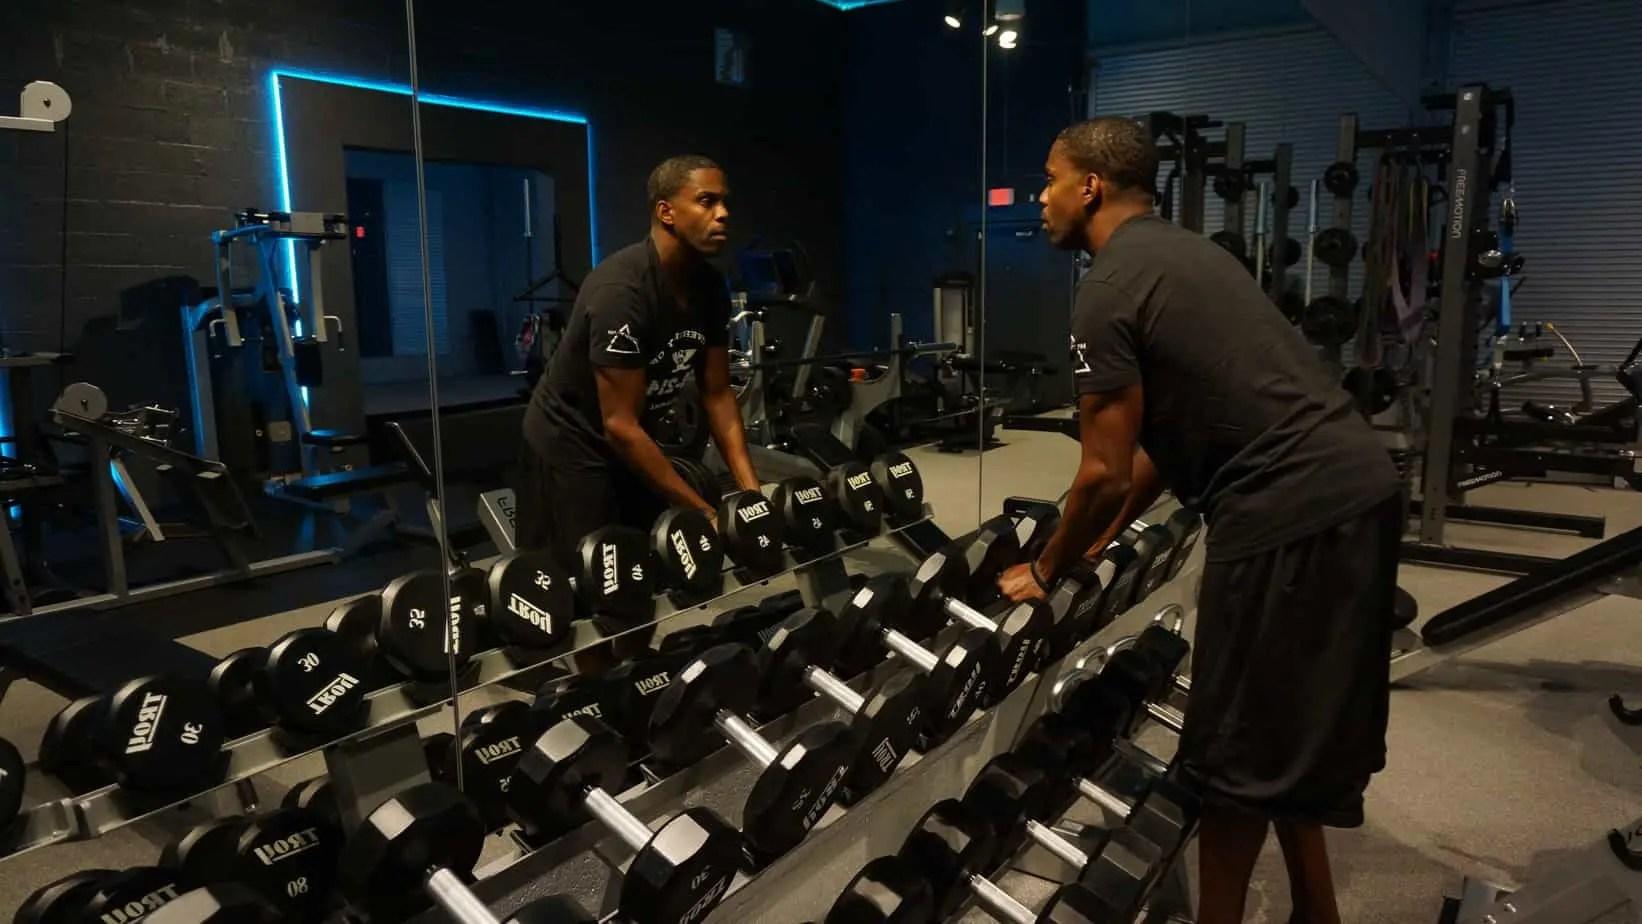 Grey Teams Programs and Service Eddie Army Vet.